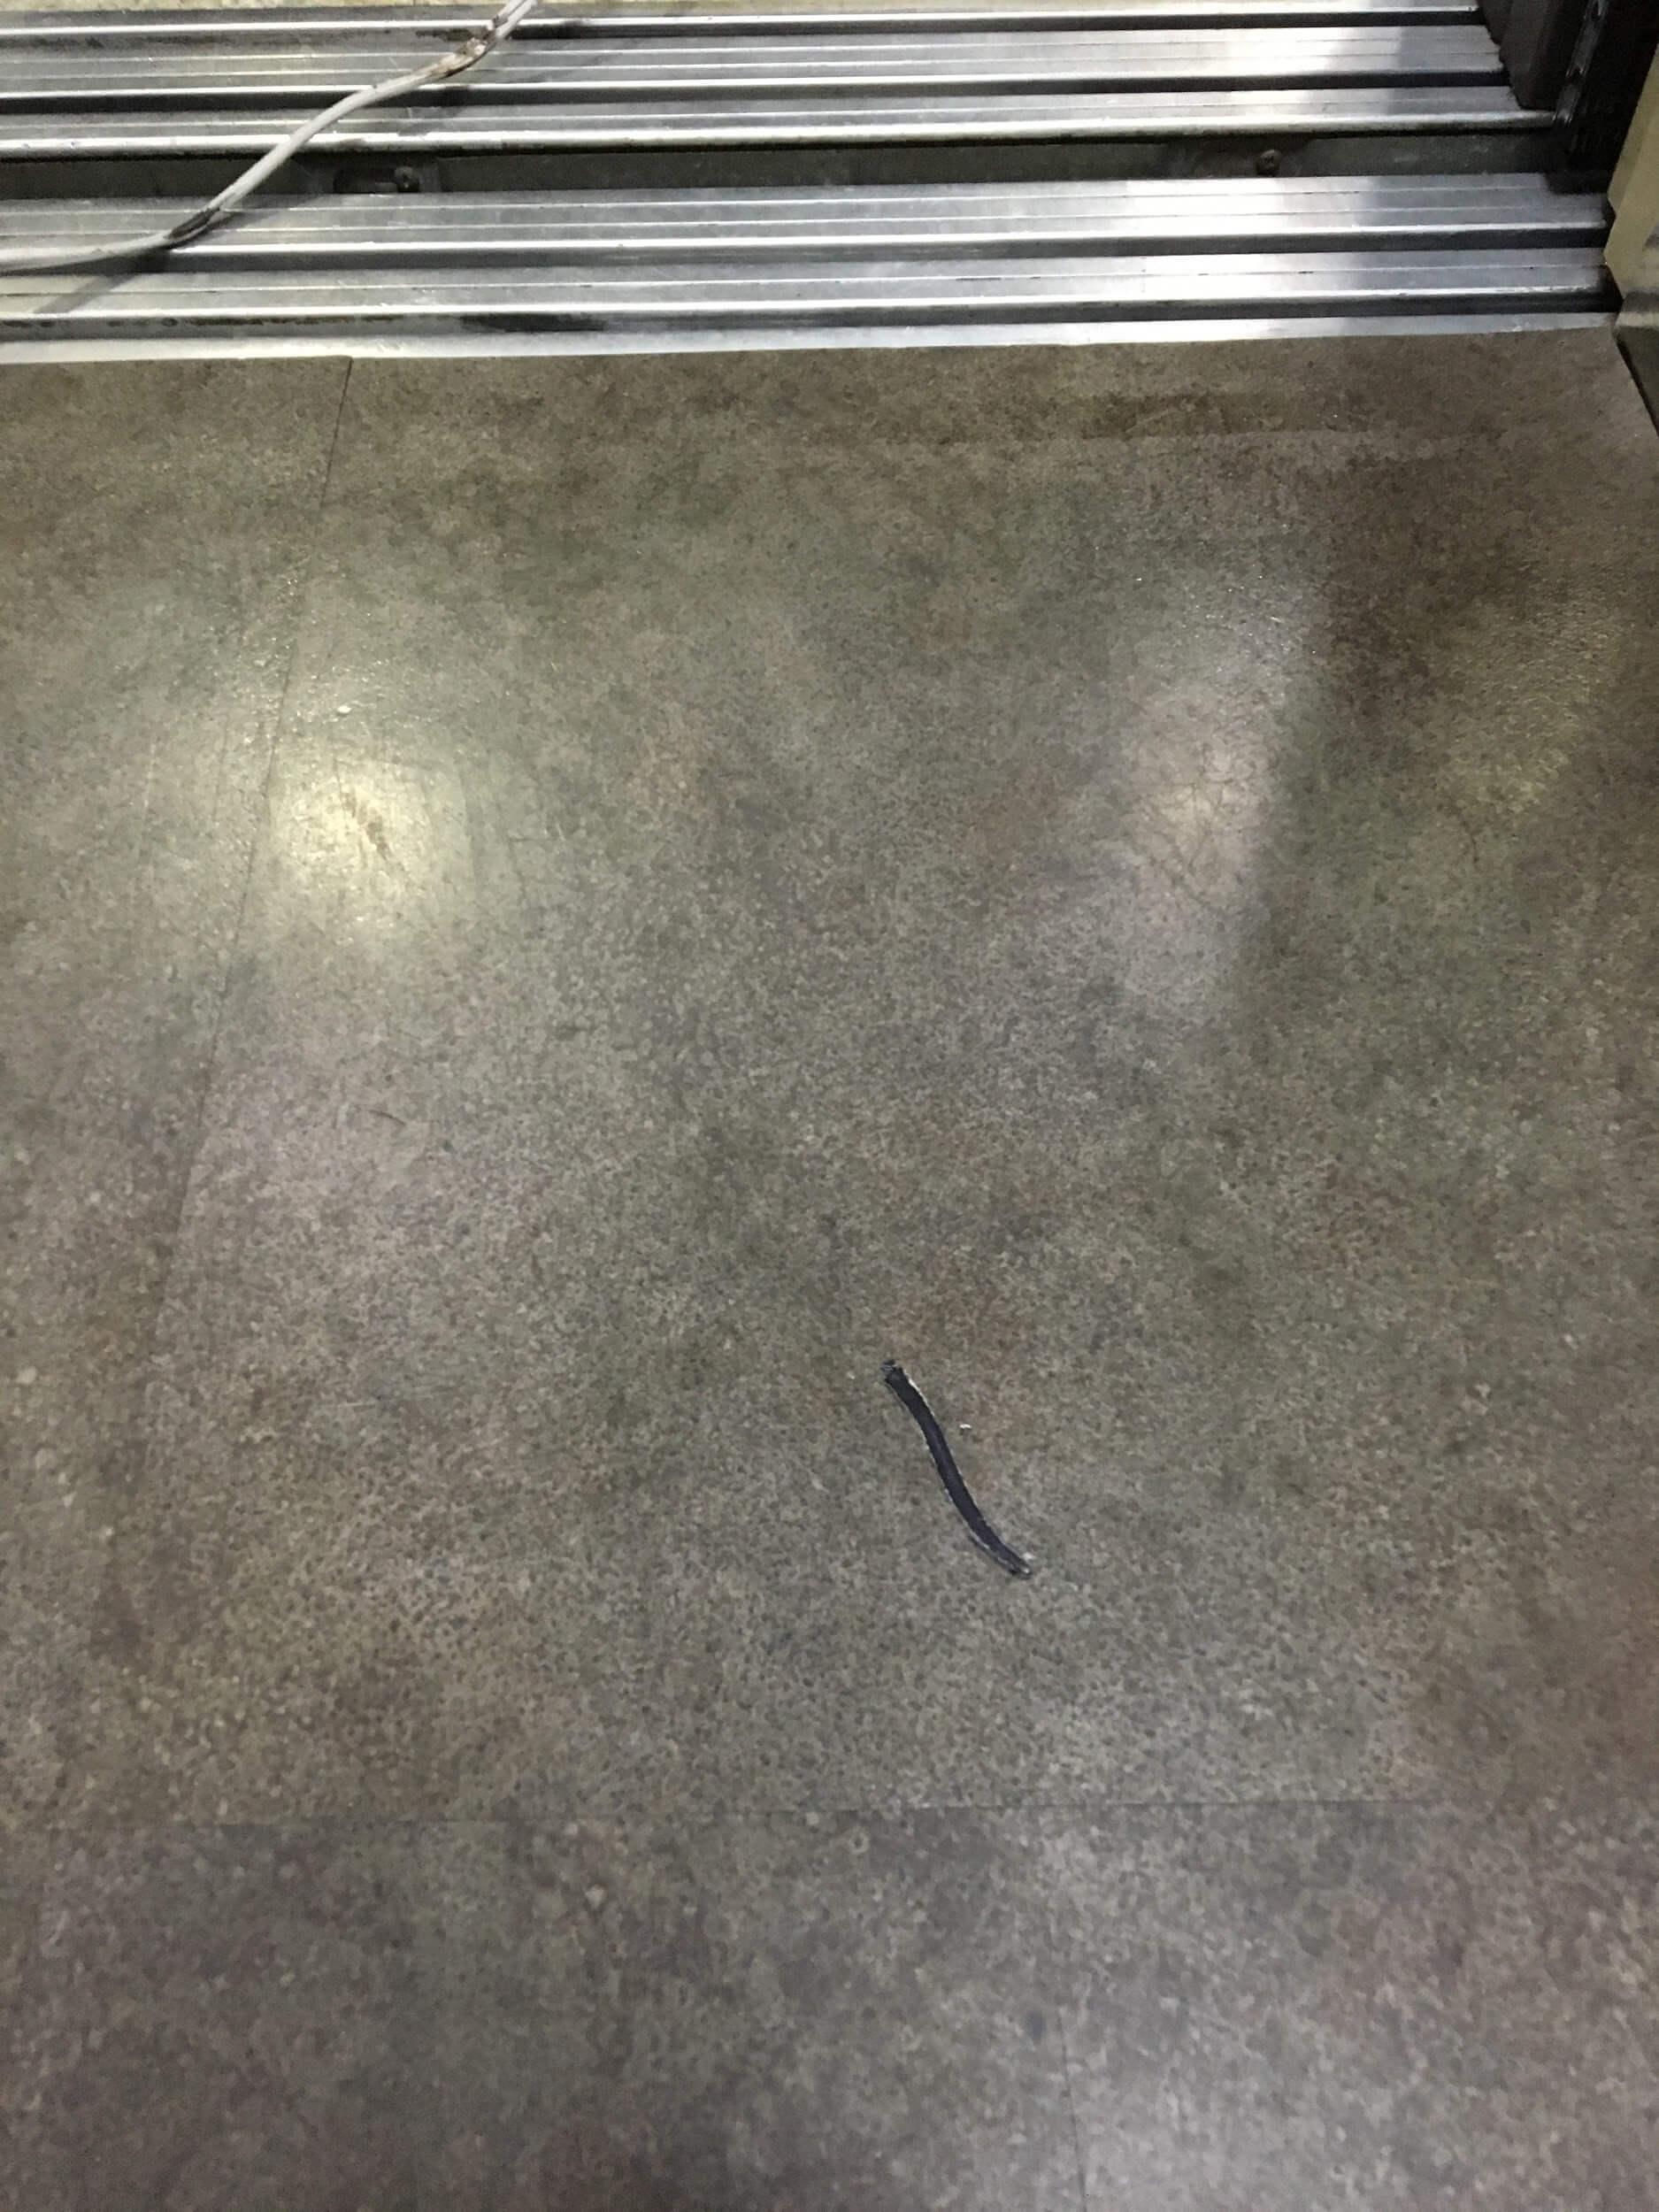 床の焦げを自分で修復しよう!タイルや畳など材質別に徹底解説